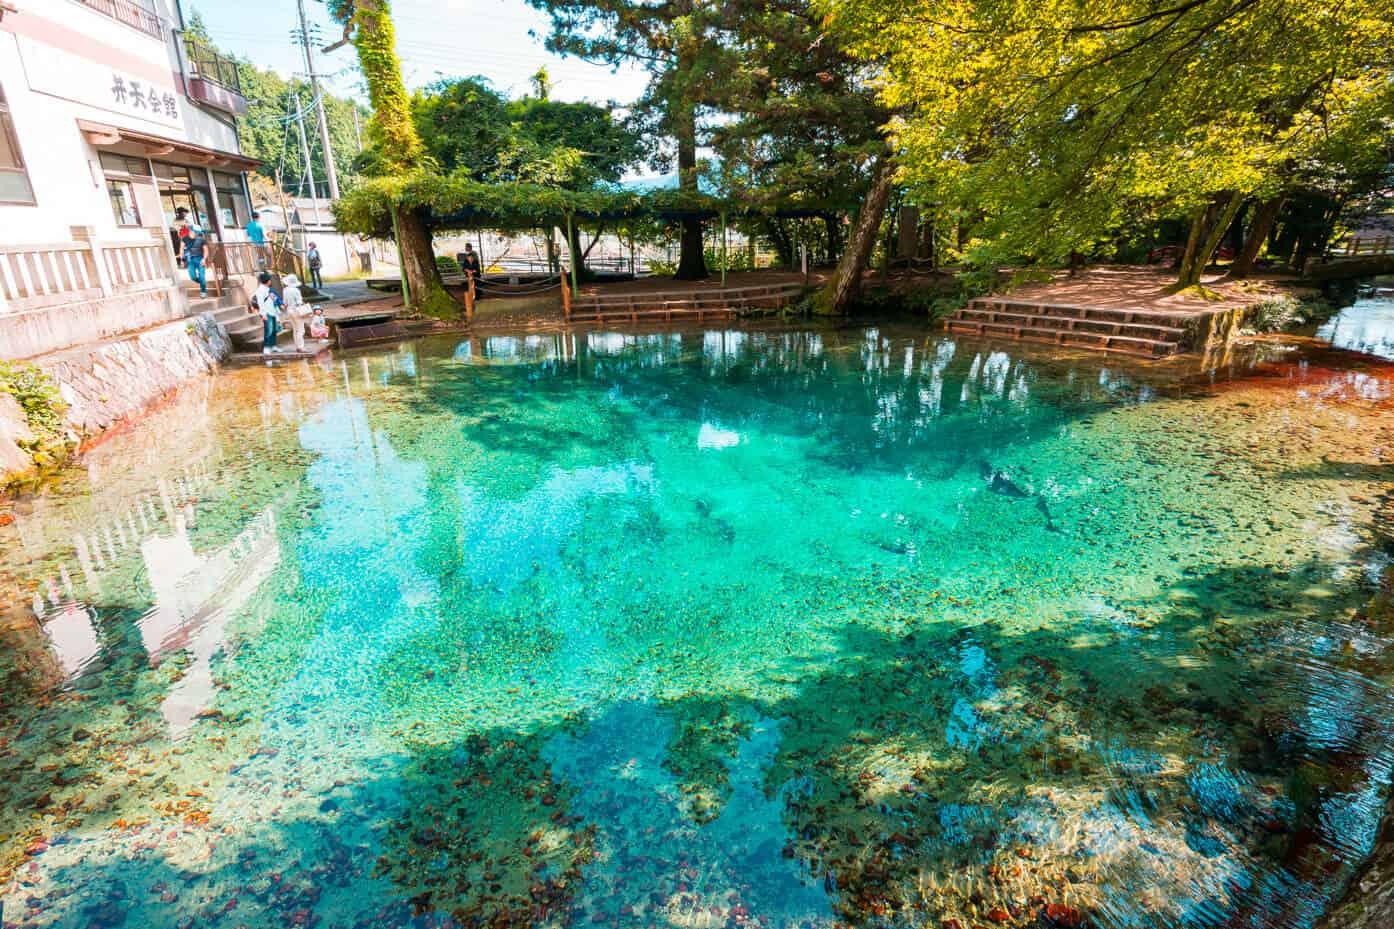 จุดถ่ายรูป ยามากุจิ (Yamaguchi) - บ่อน้ำเบปปุเบนเท็น (Beppu Benten Pond)